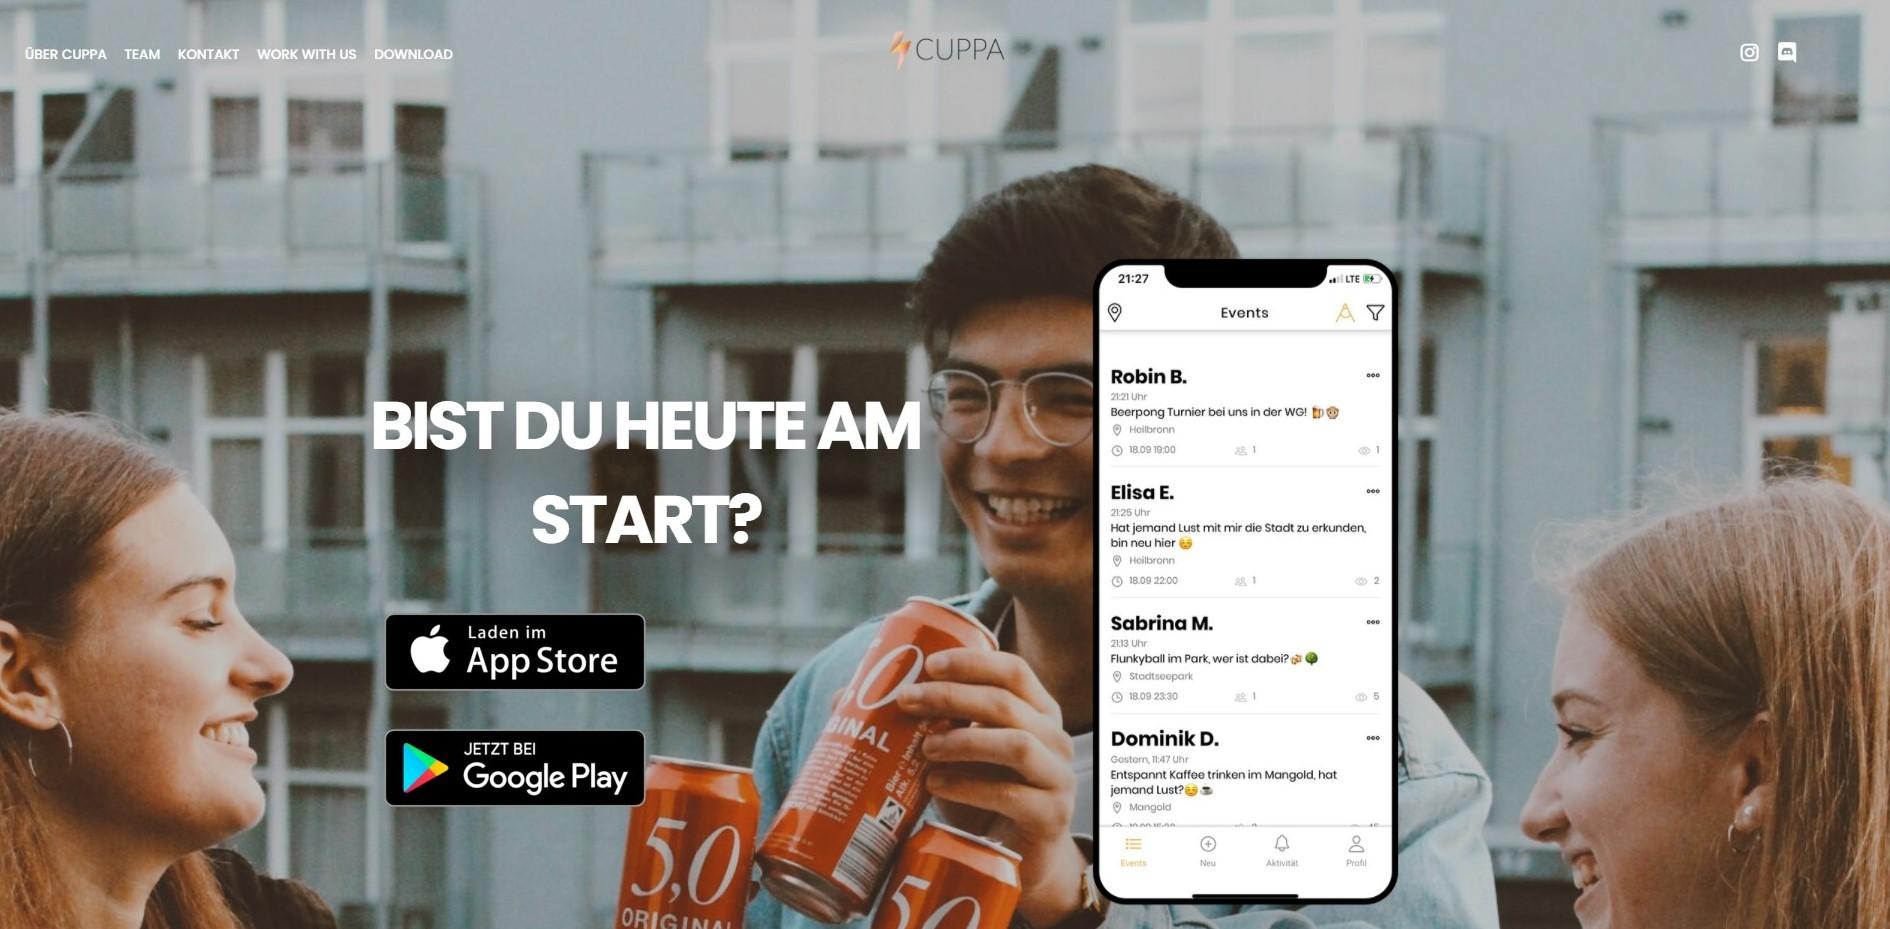 Screenshot of Cuppa website